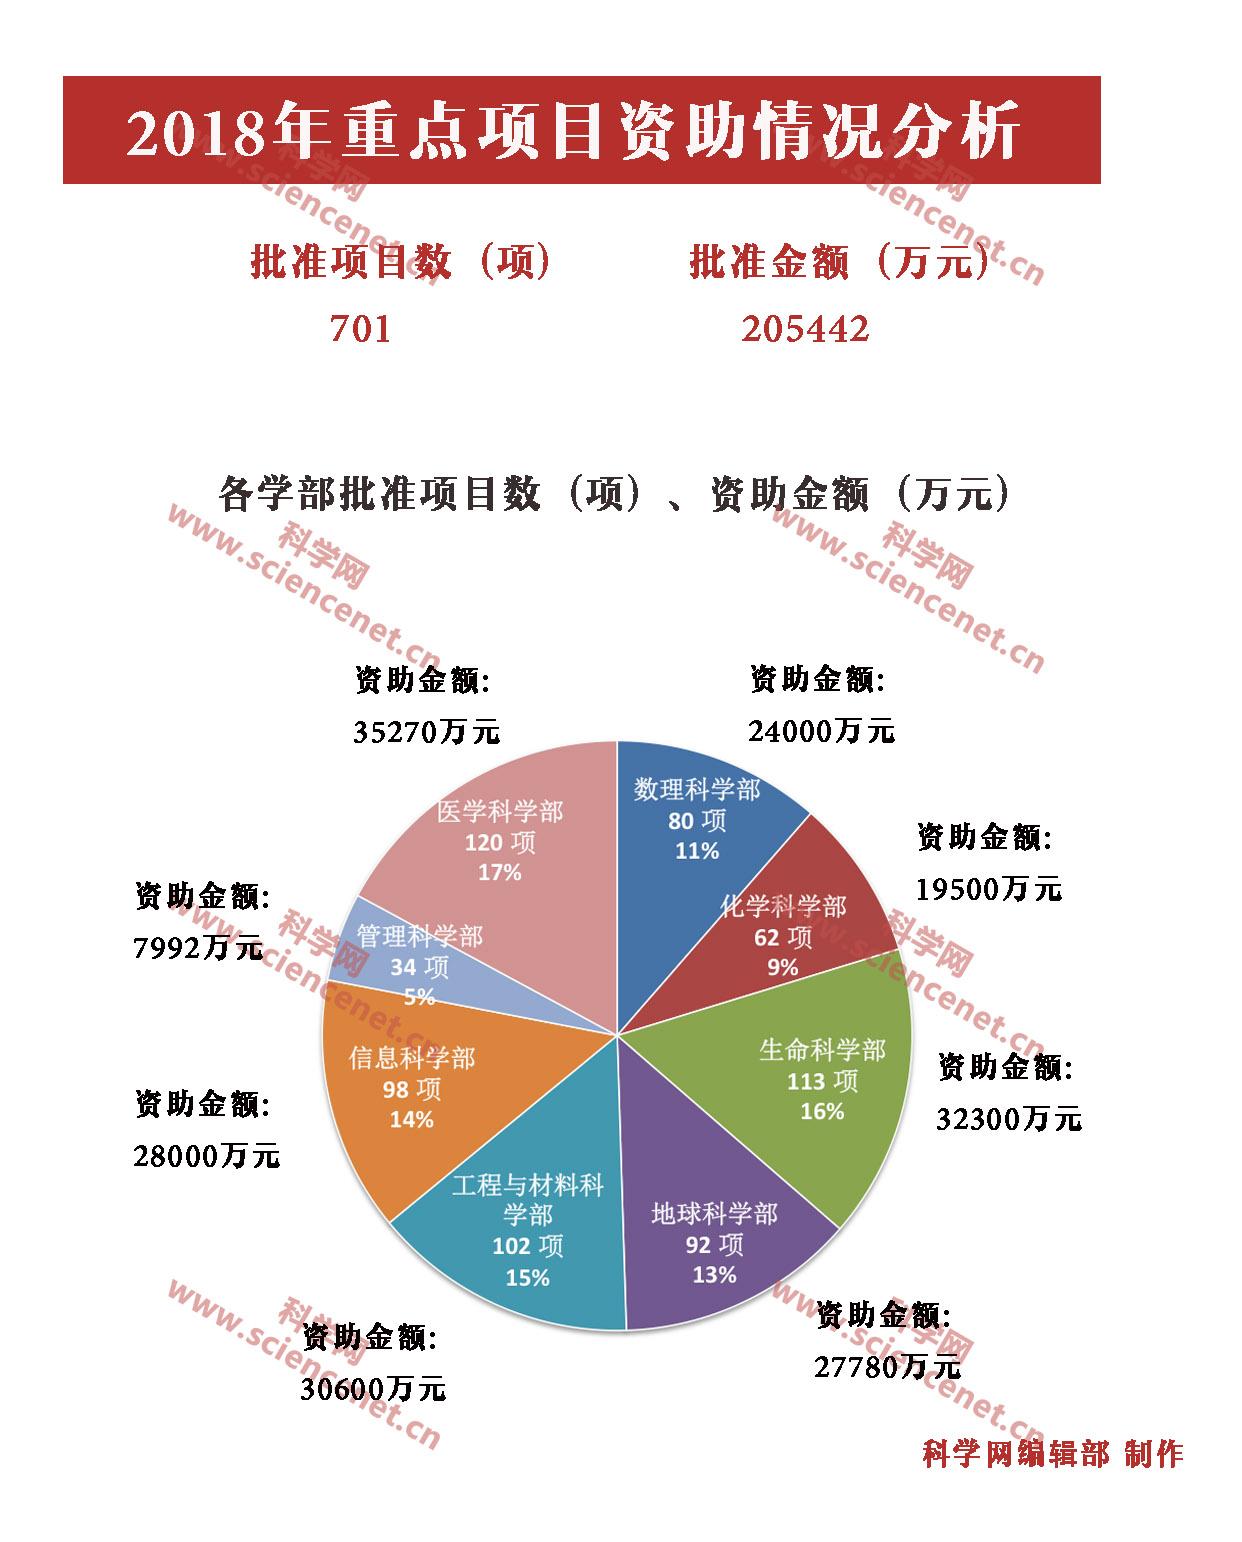 重点项目 各学部图.jpg